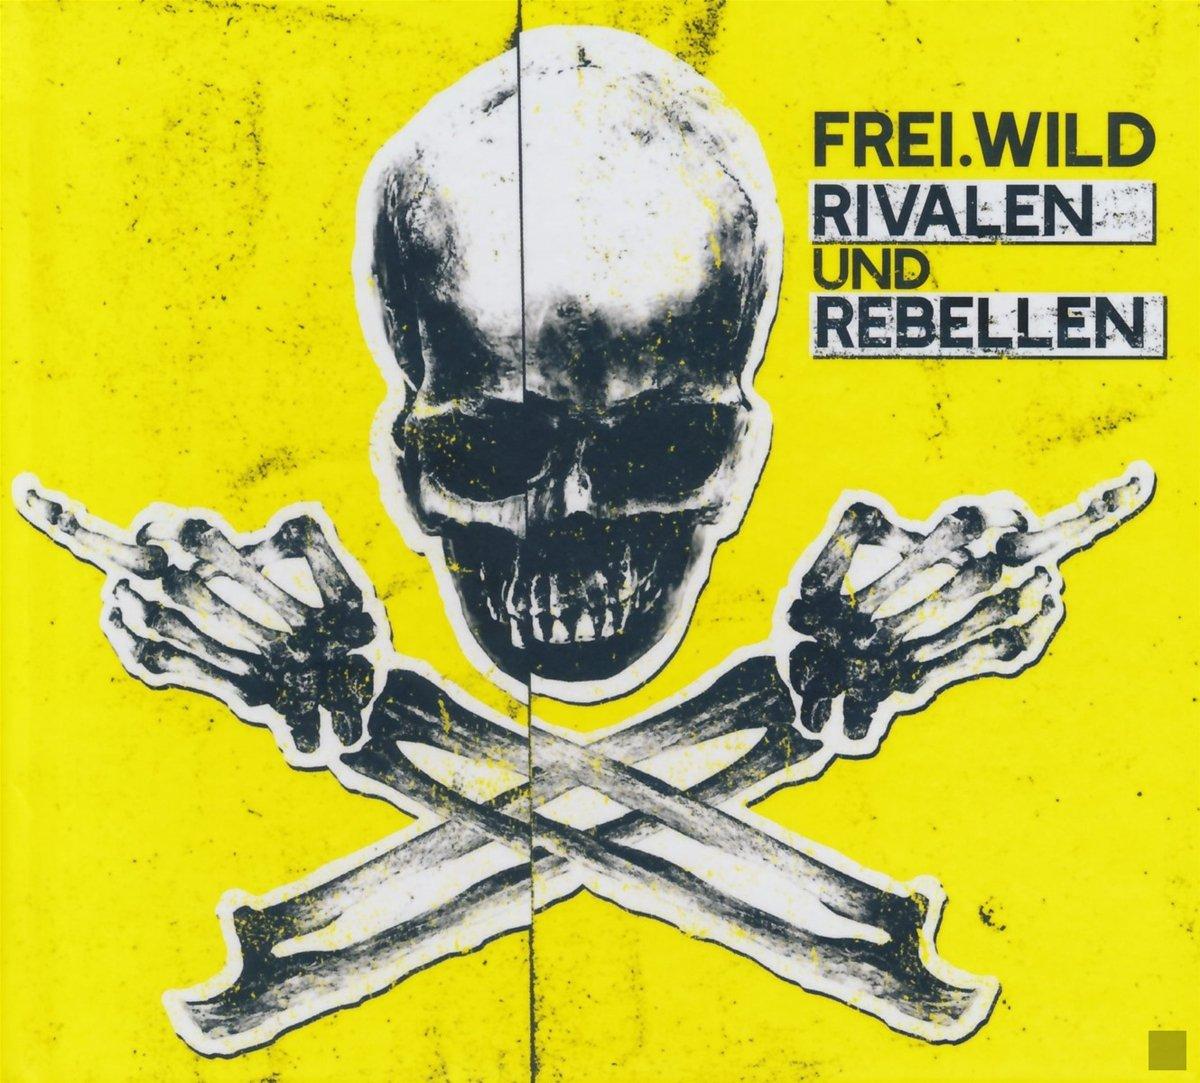 frei wild rivalen und rebellen